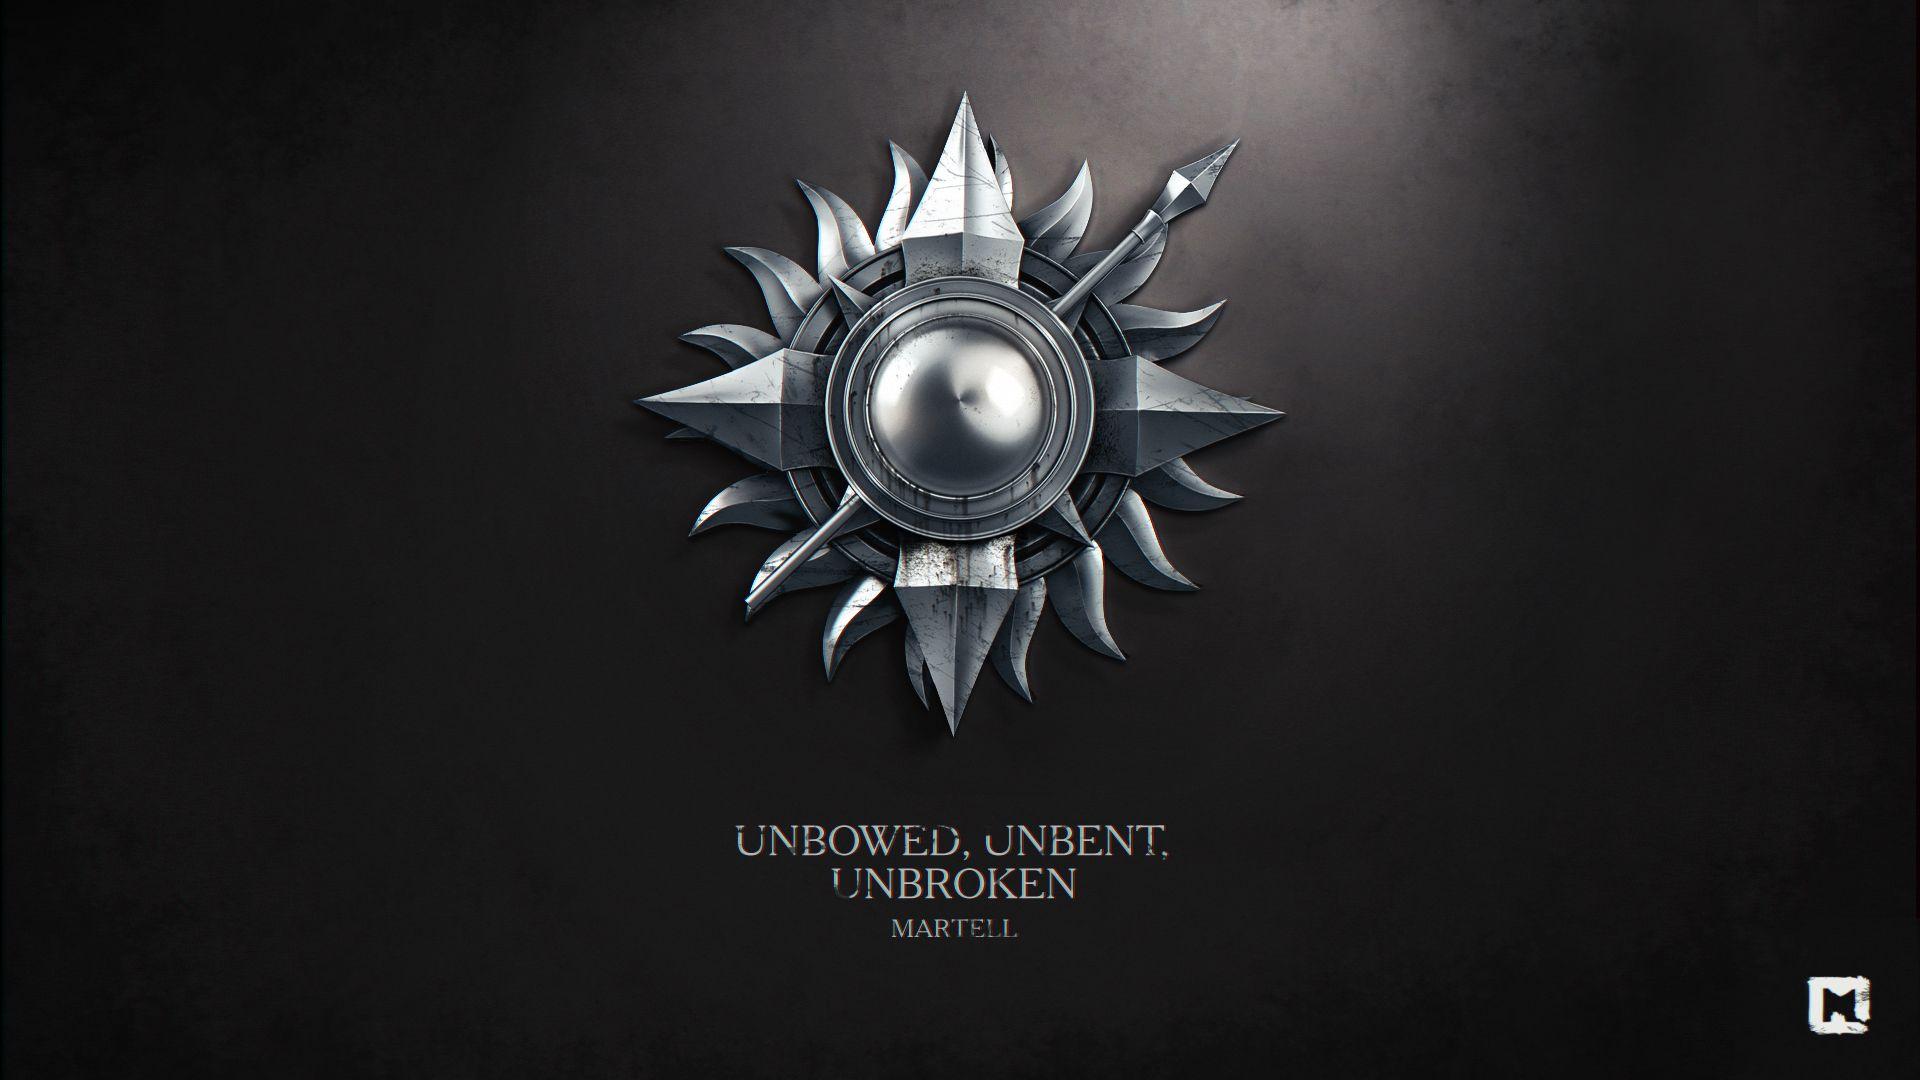 Game Of Thrones Hd Wallpaper Juego De Tronos Juego De Tronos